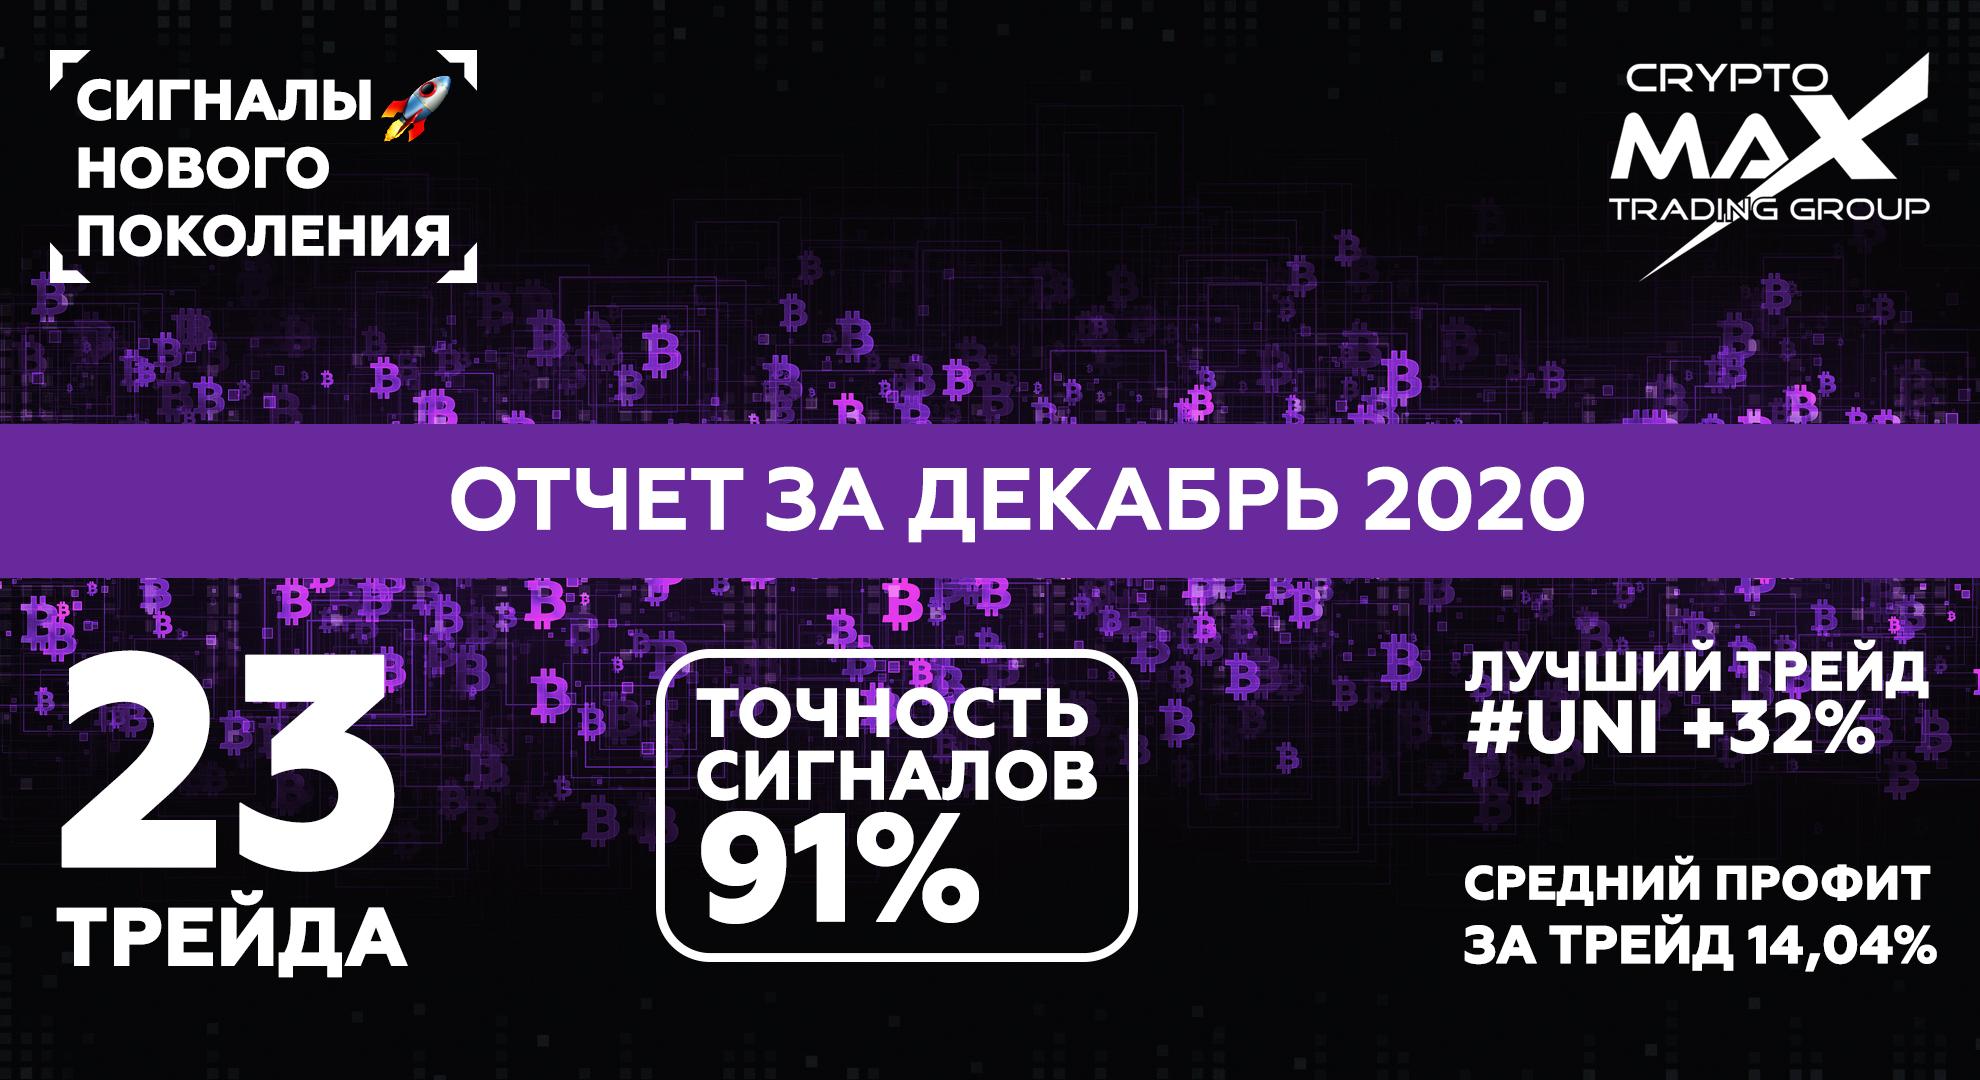 Отчет по криптовалютным сигналам CryptoMax за декабрь 2020